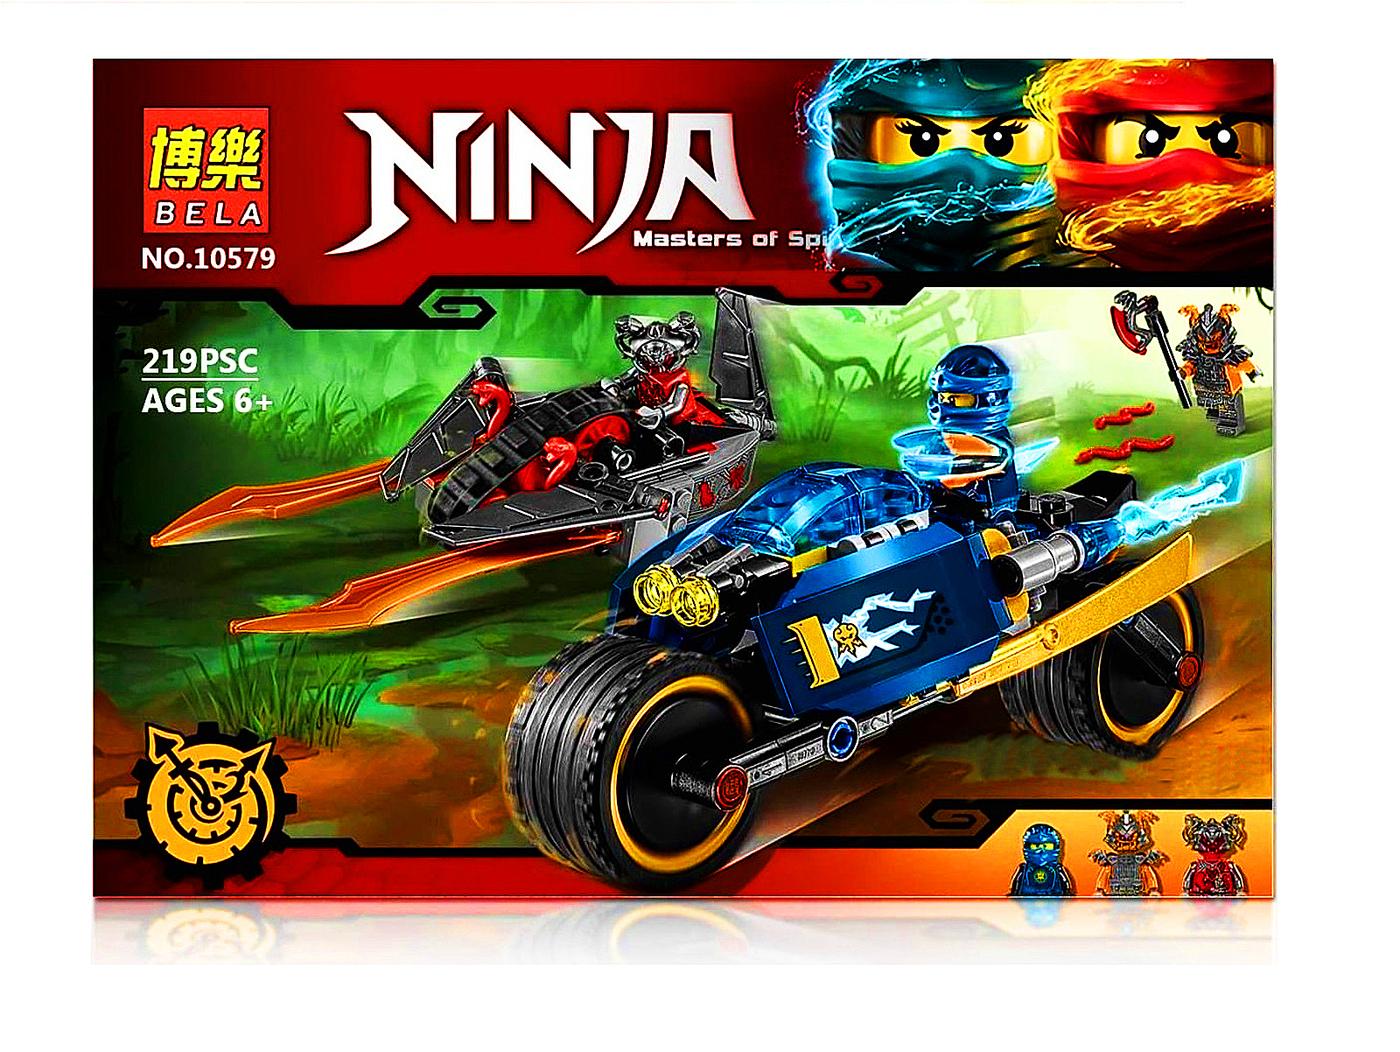 Конструкторы для мальчиков и девочек. Конструктор Ninja Пустынная молния 218 деталей.